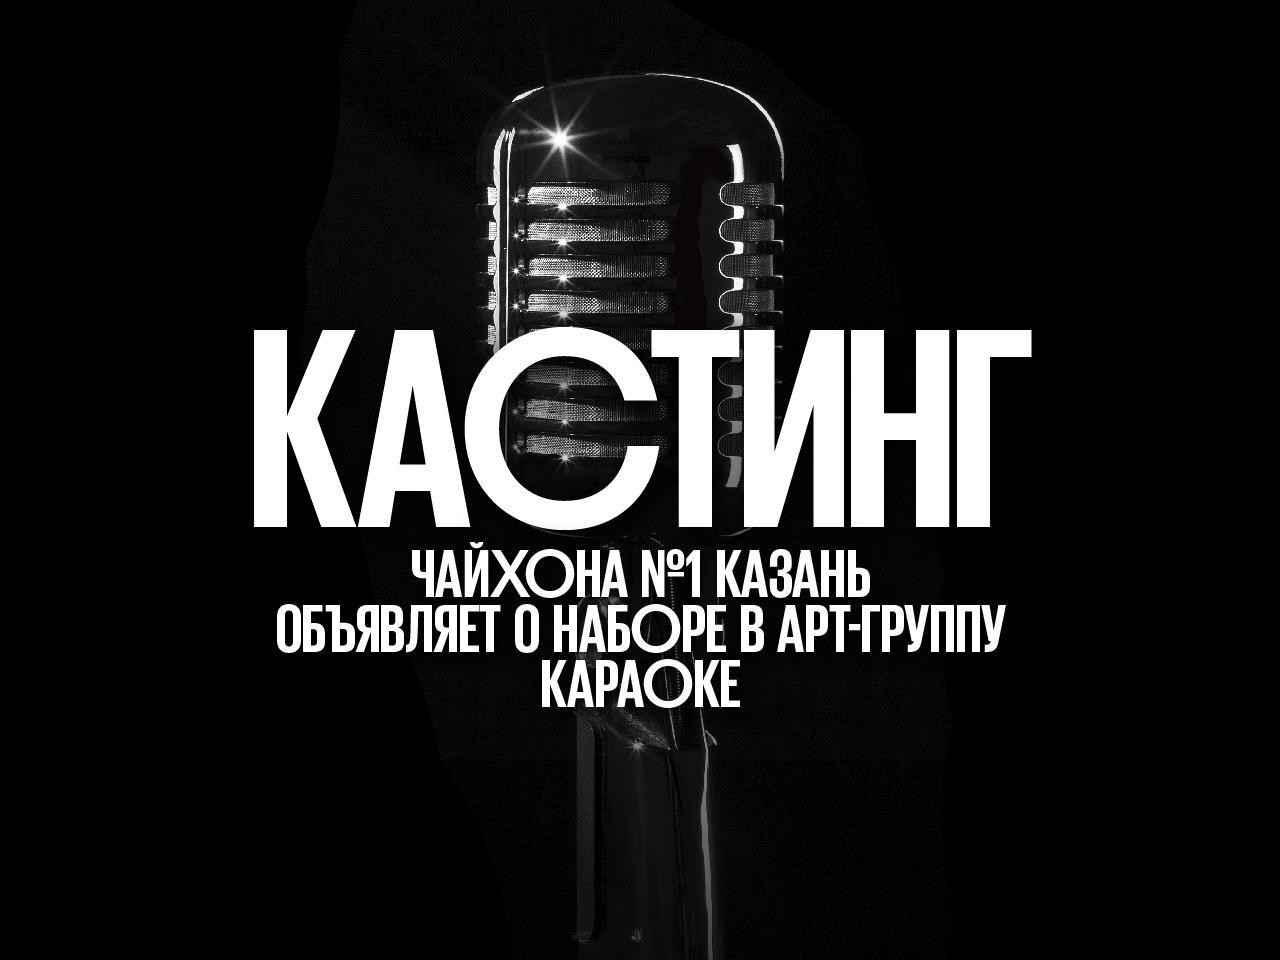 Кастинг в арт-группу караоке Чайхоны №1 (Казань)